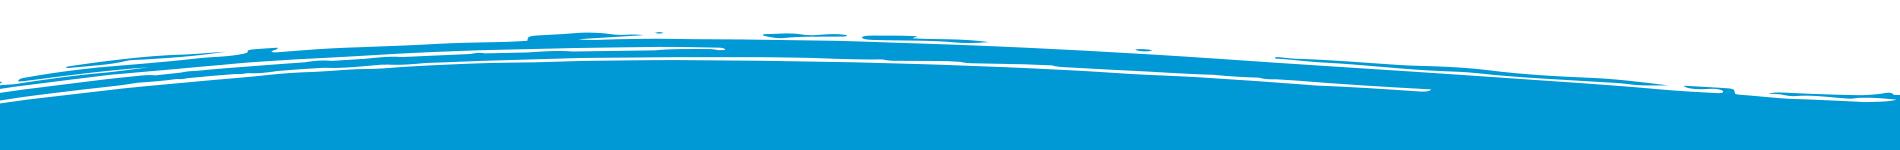 807492-white-blue-divider